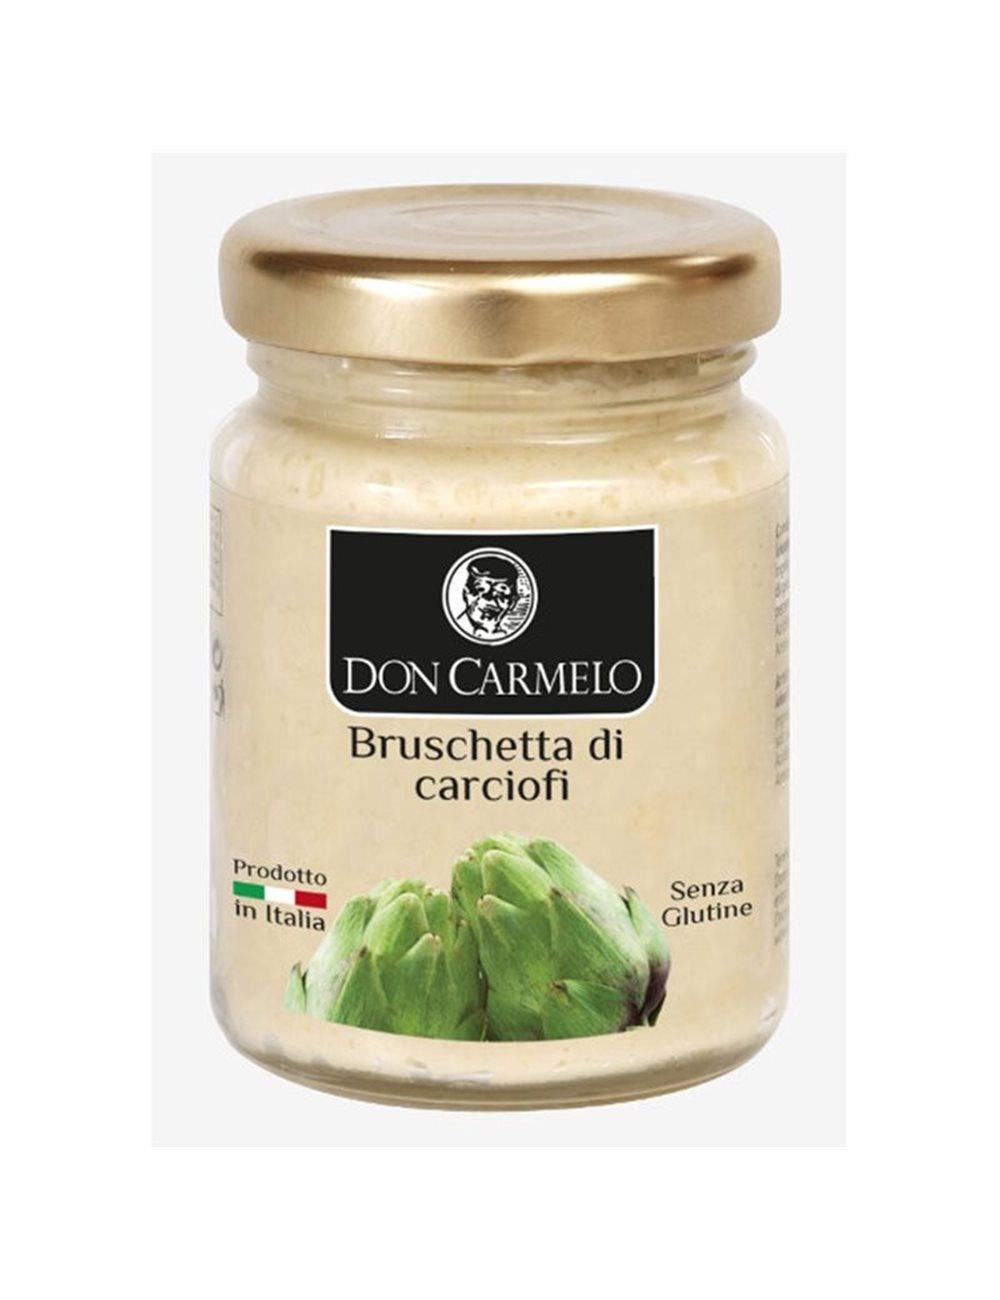 Don Carmelo Bruschetta di Carciofi 100gr